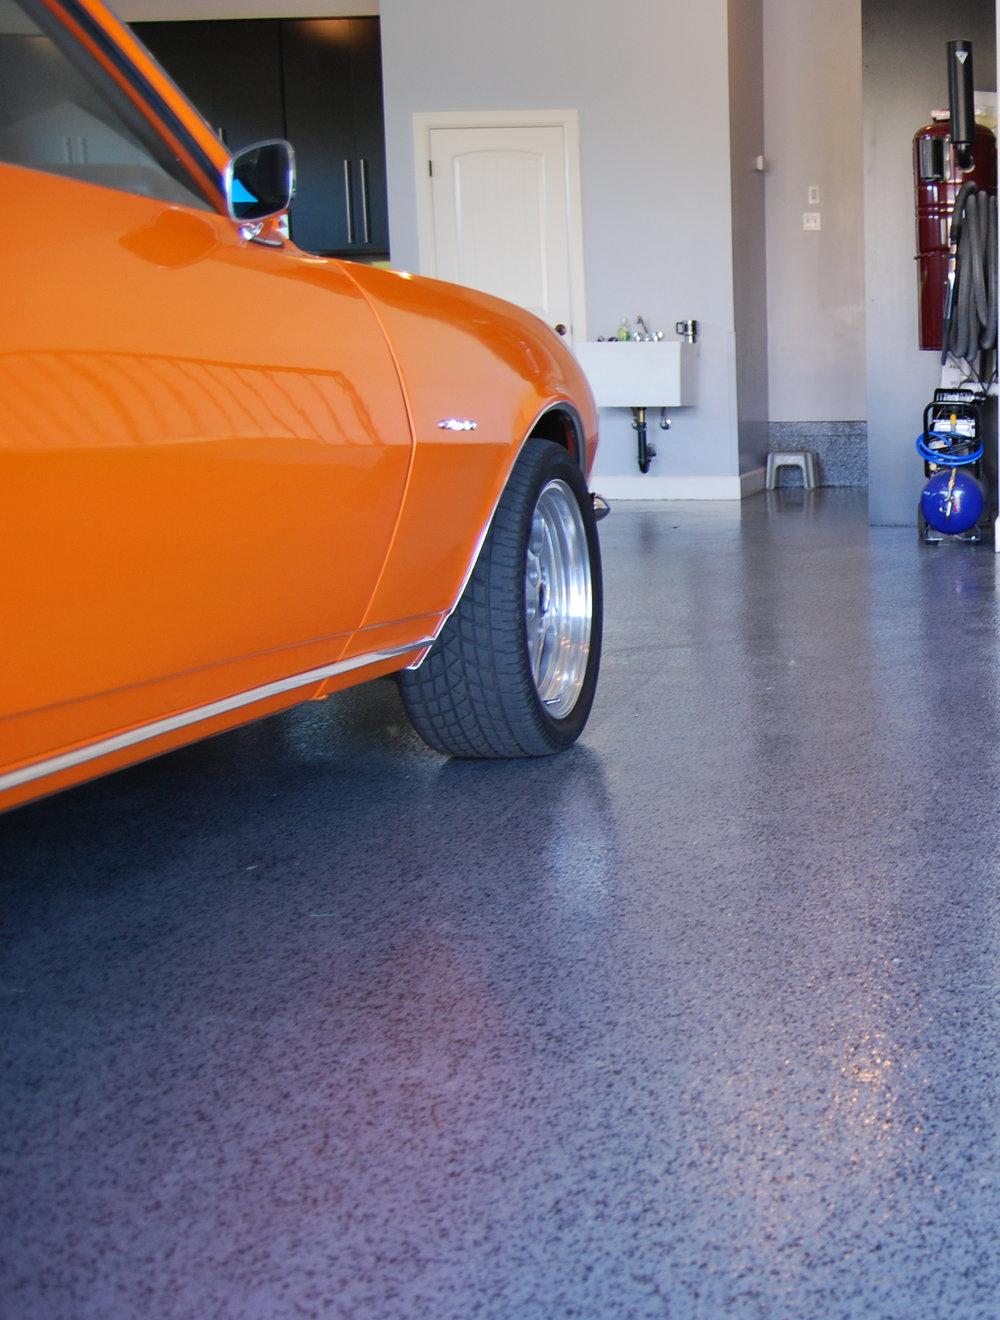 orangecar_rockyfloor.jpg